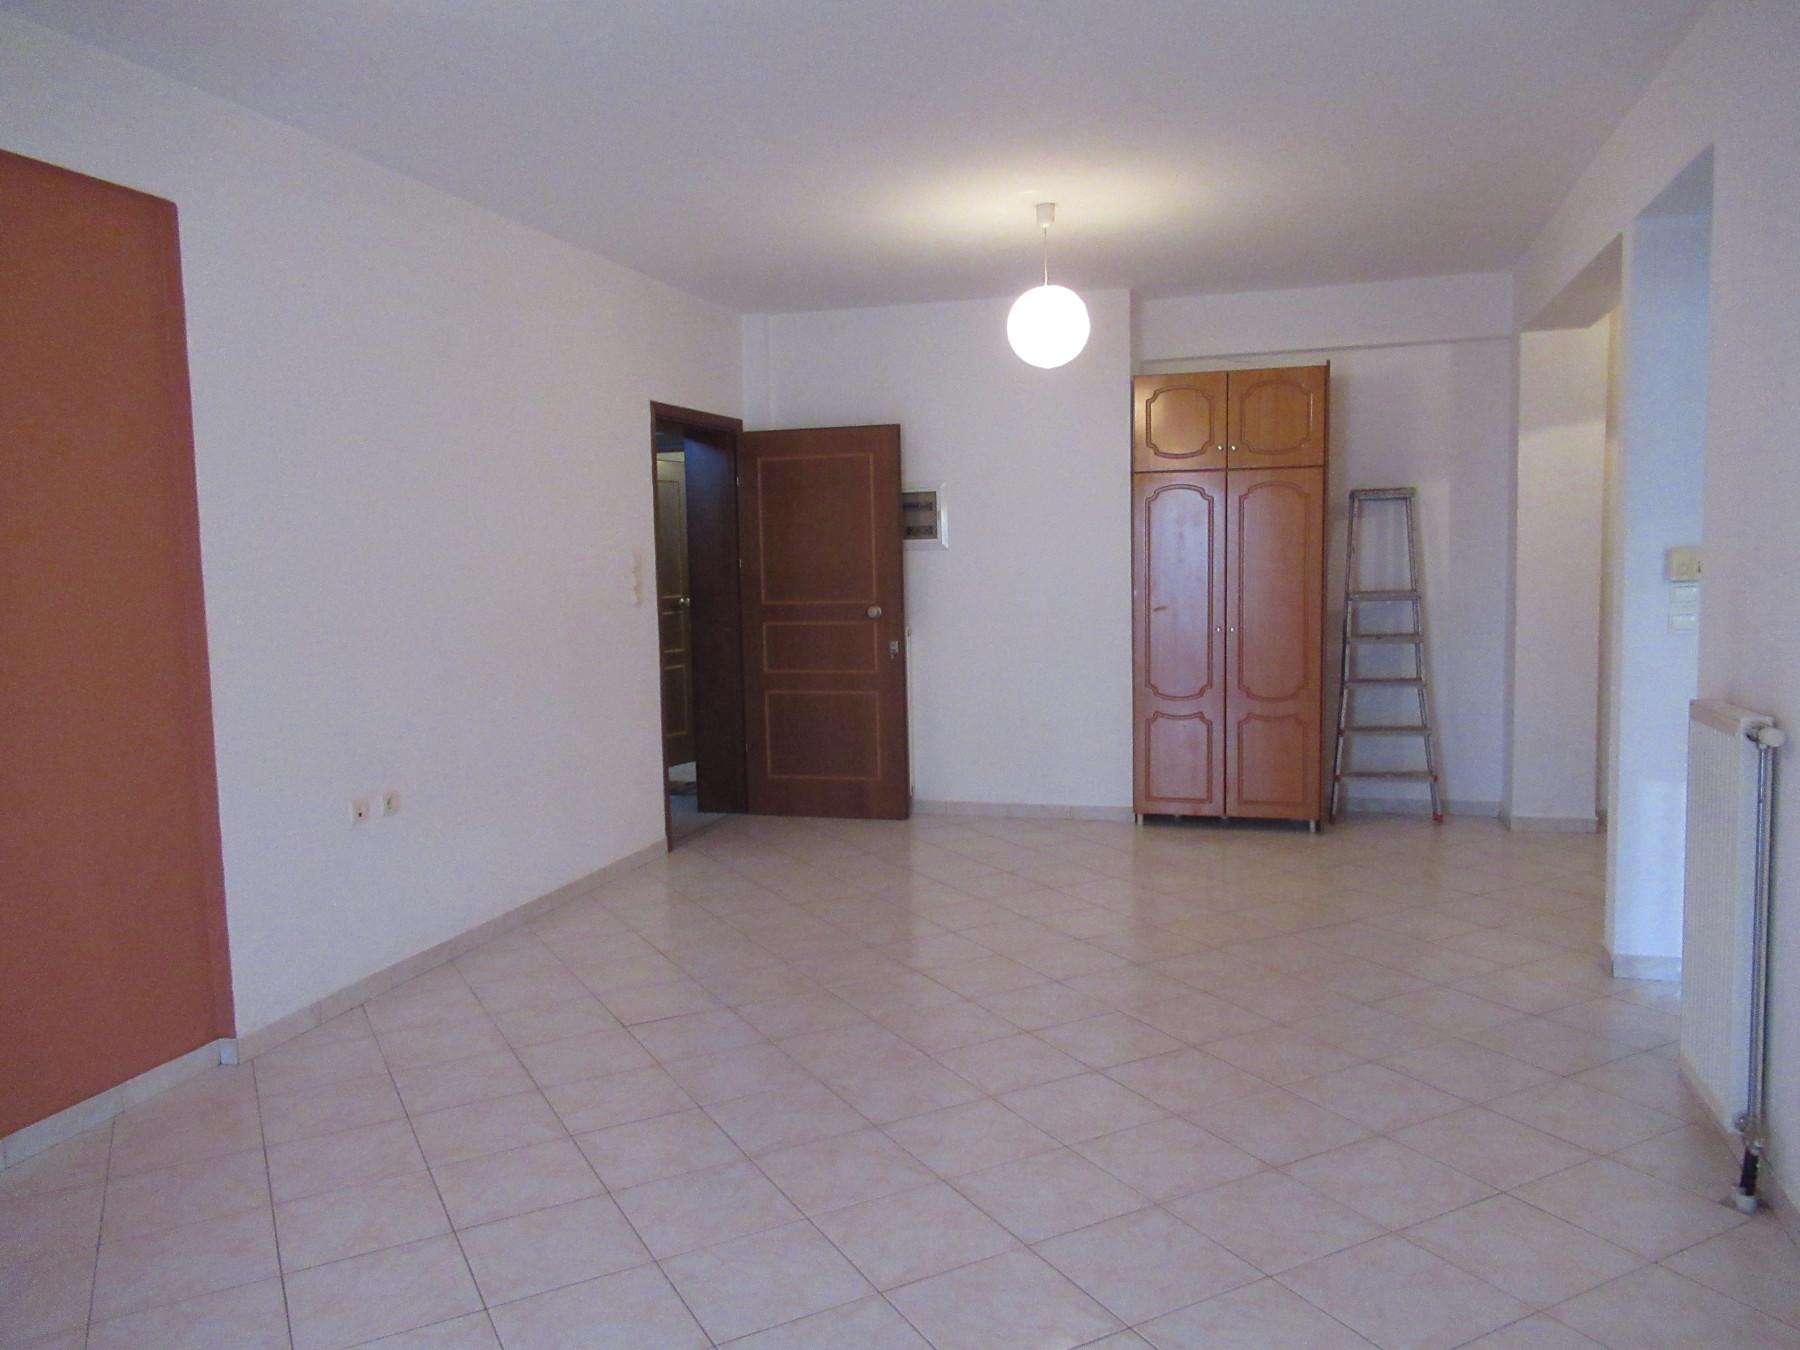 Ενοικιάζεται ευρύχωρο ισόγειο 2αρι διαμέρισμα 62 τ.μ. στην Ανατολή Ιωαννίνων